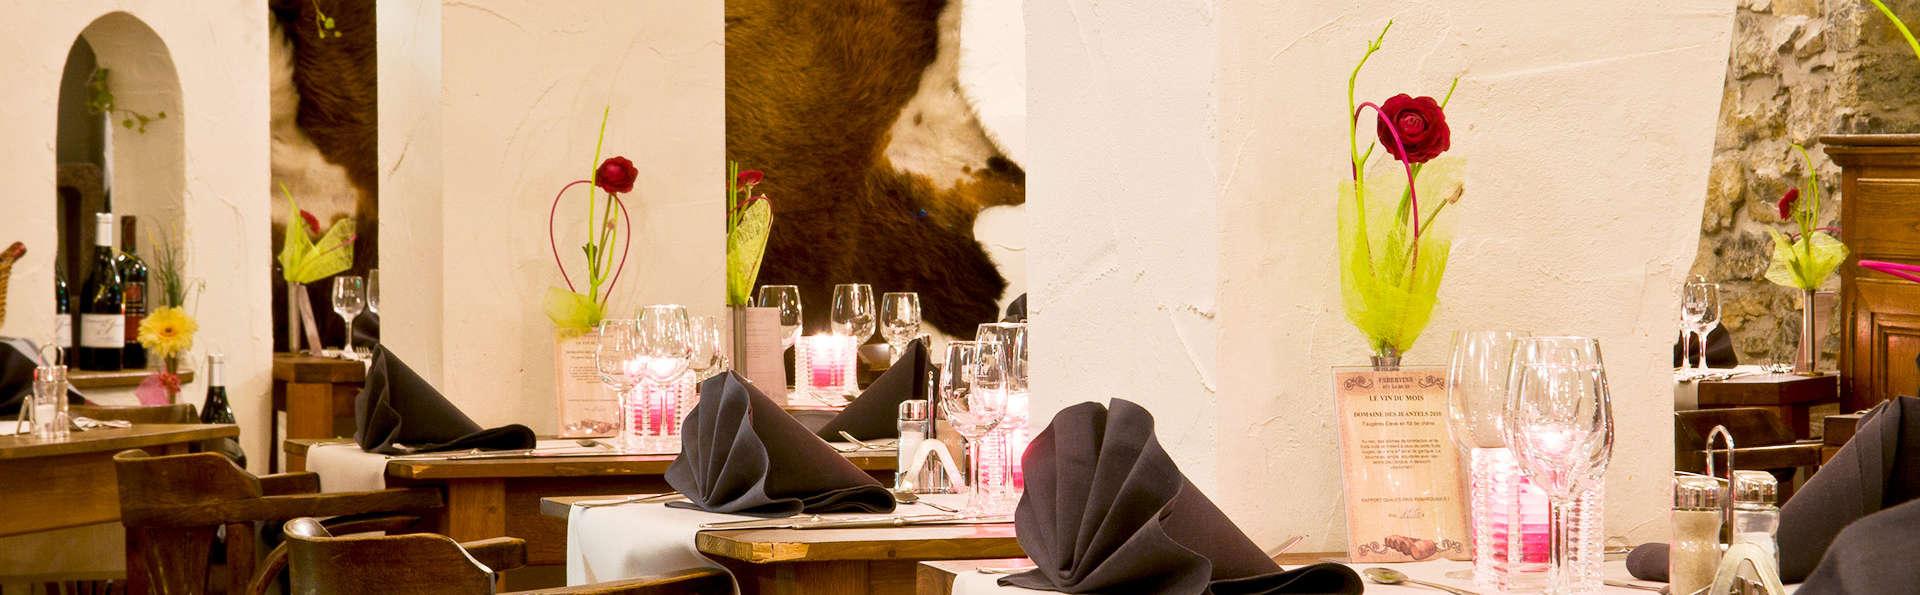 Profitez d'un moment wellness et dégustez du vin et un diner gastronomique (à partir de 2 nuits)